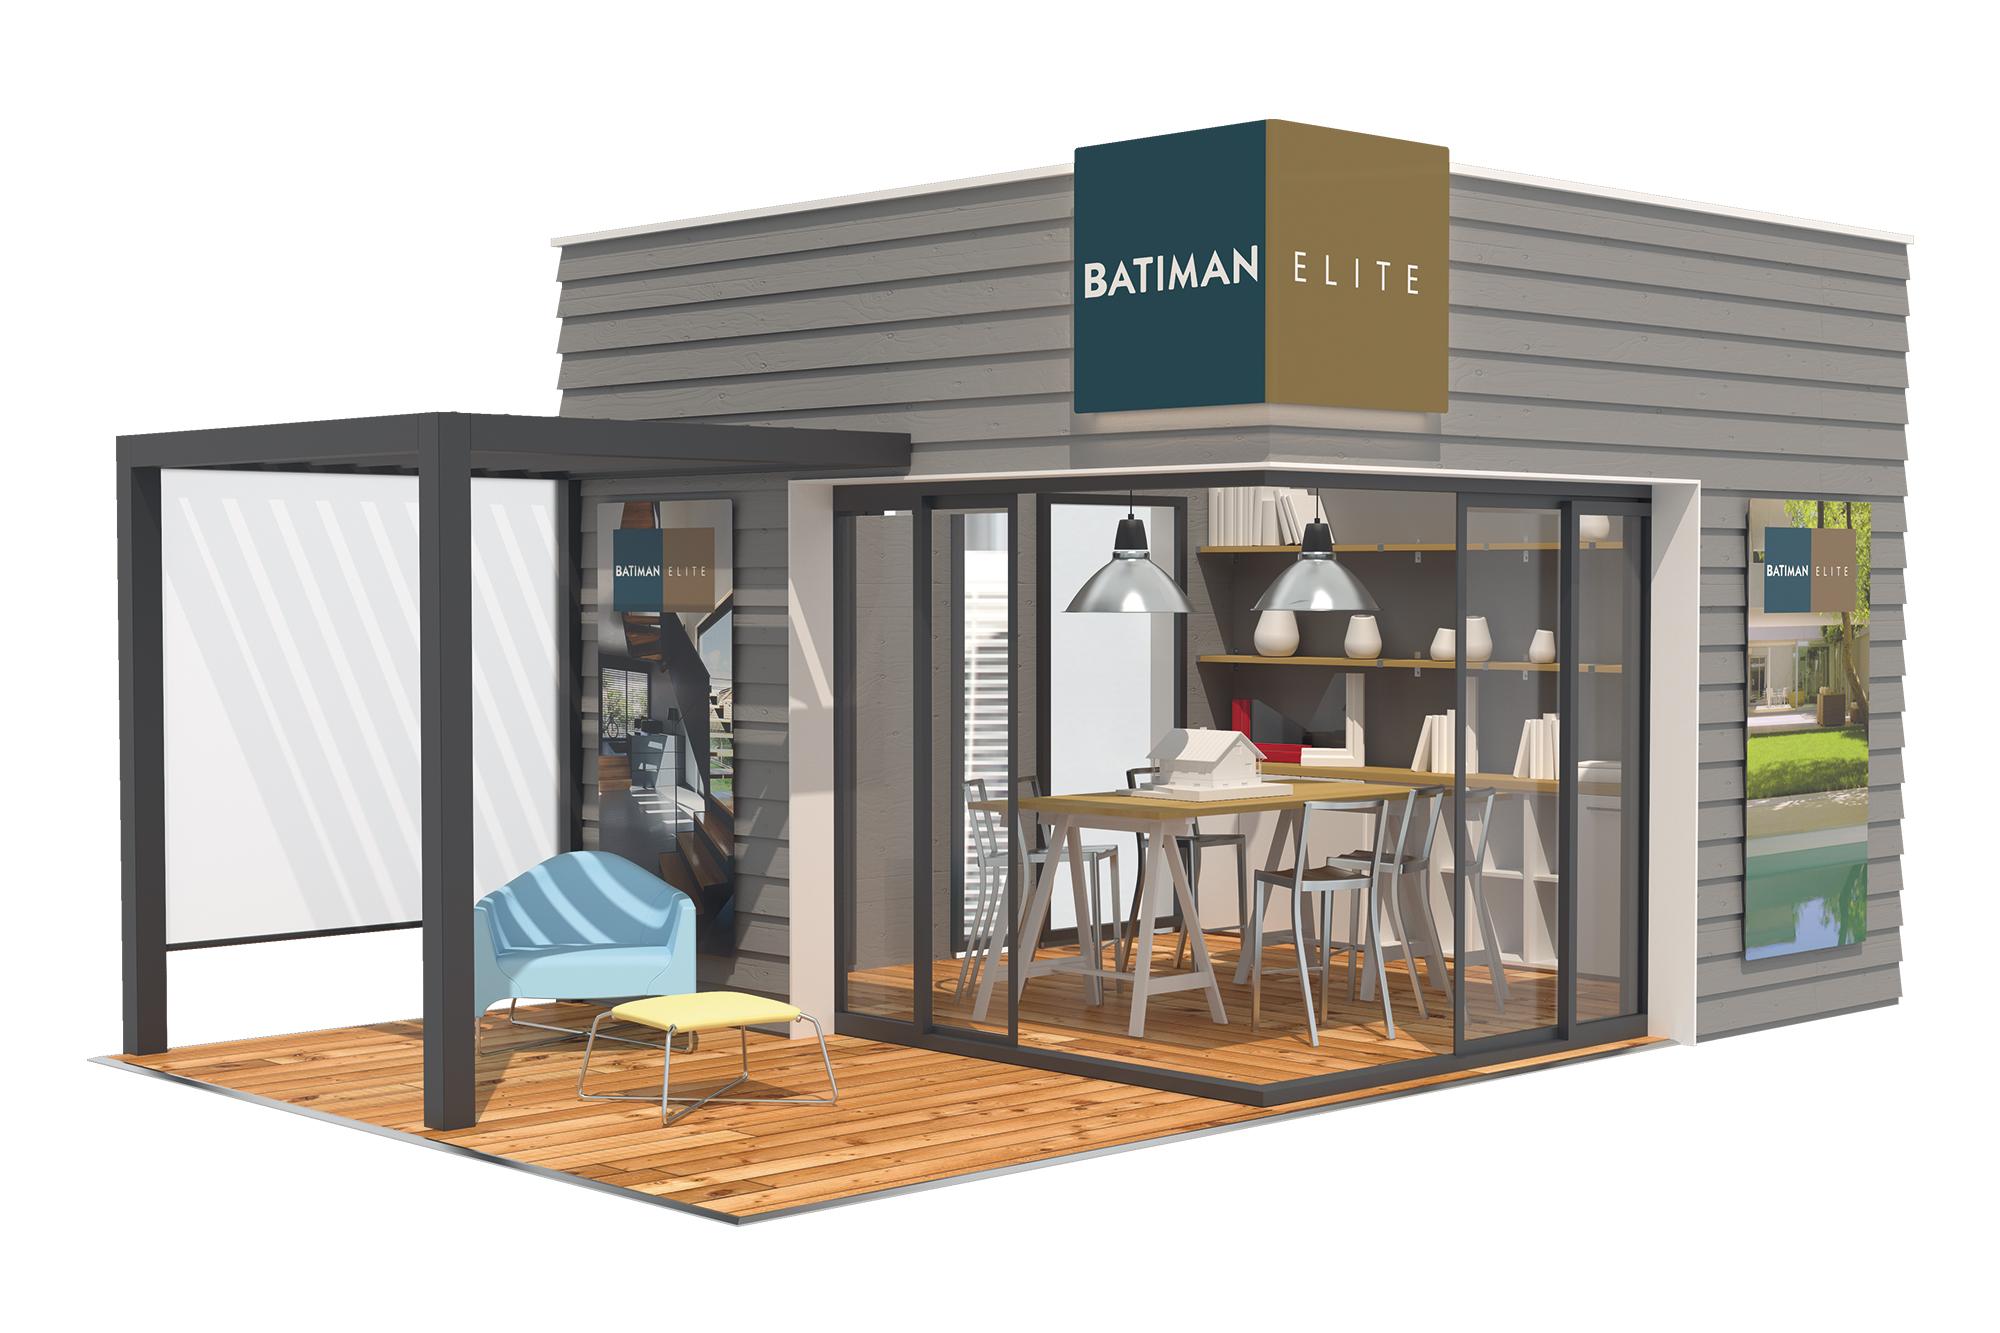 Concept d'agencement gamme Elite Batiman